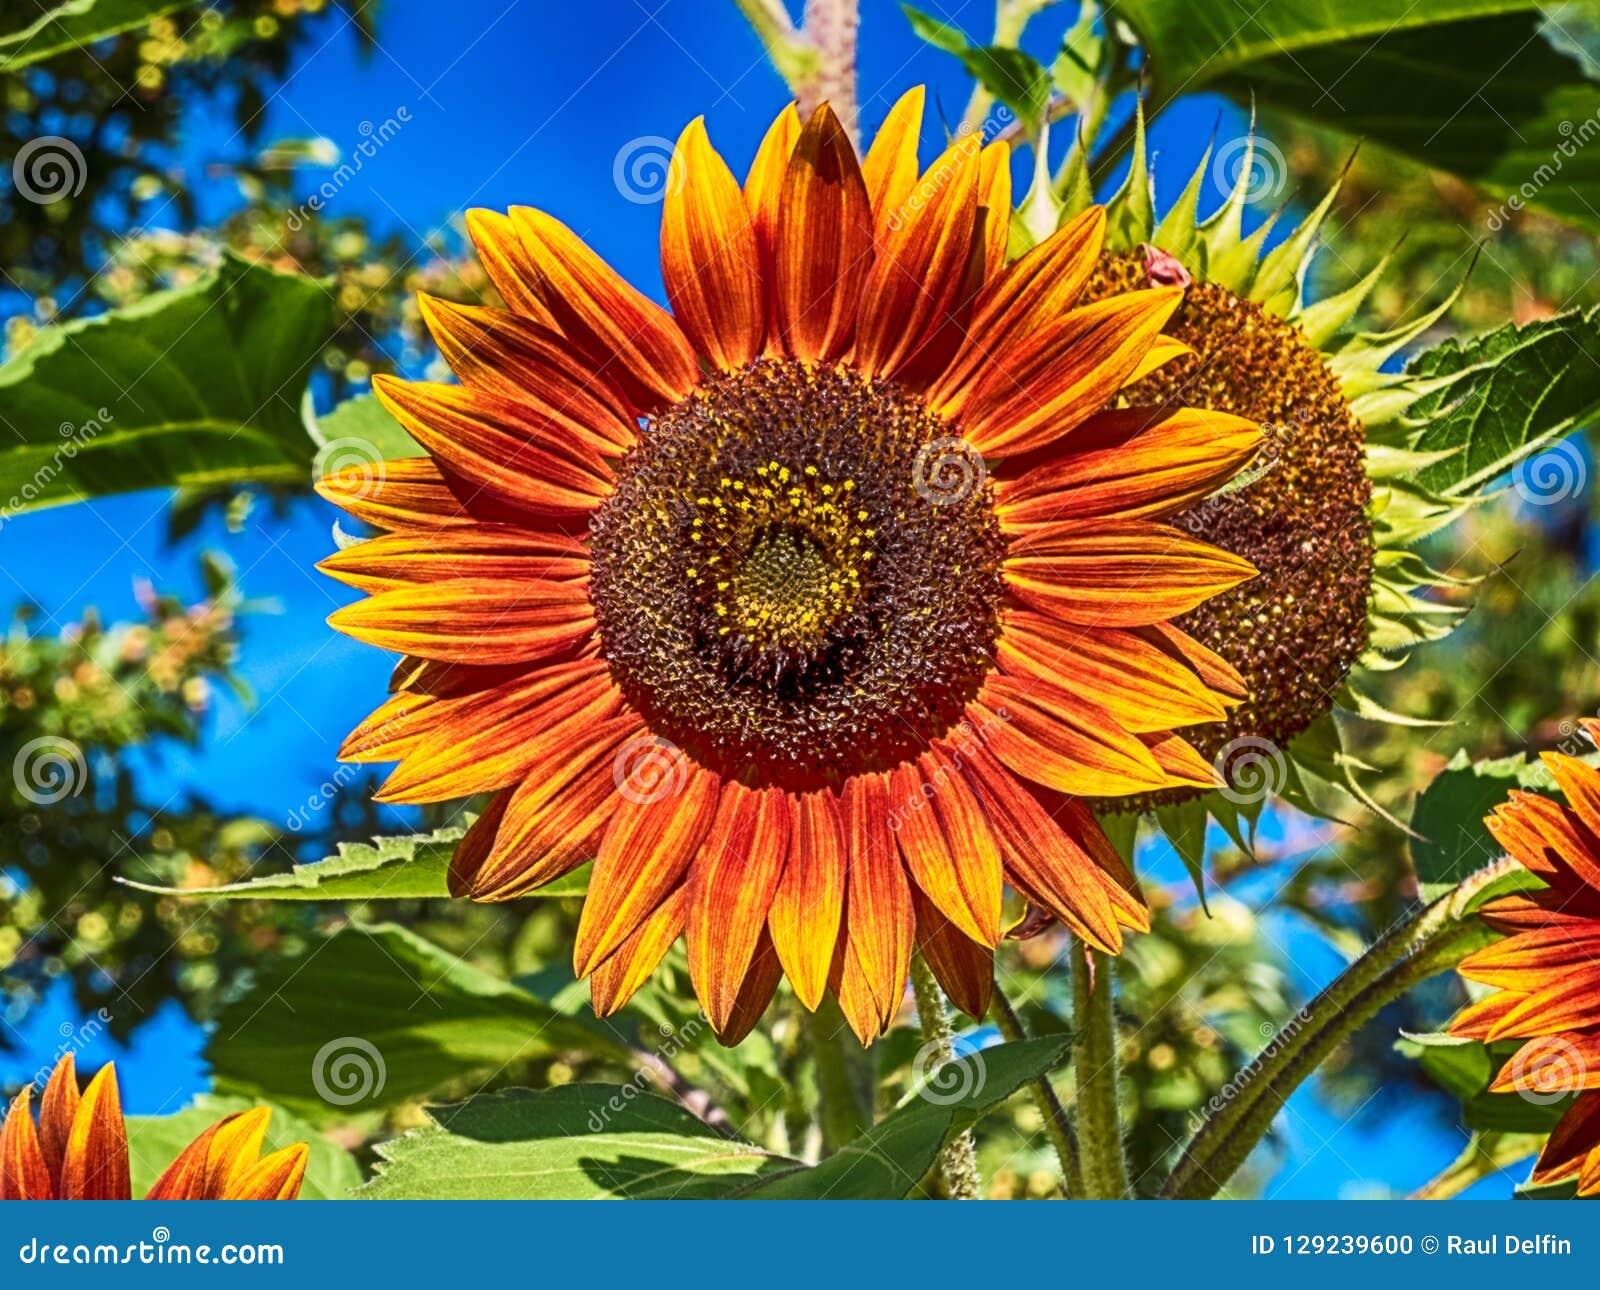 Un girasol llameante amarillo-naranja con el fondo de las plantas verdes